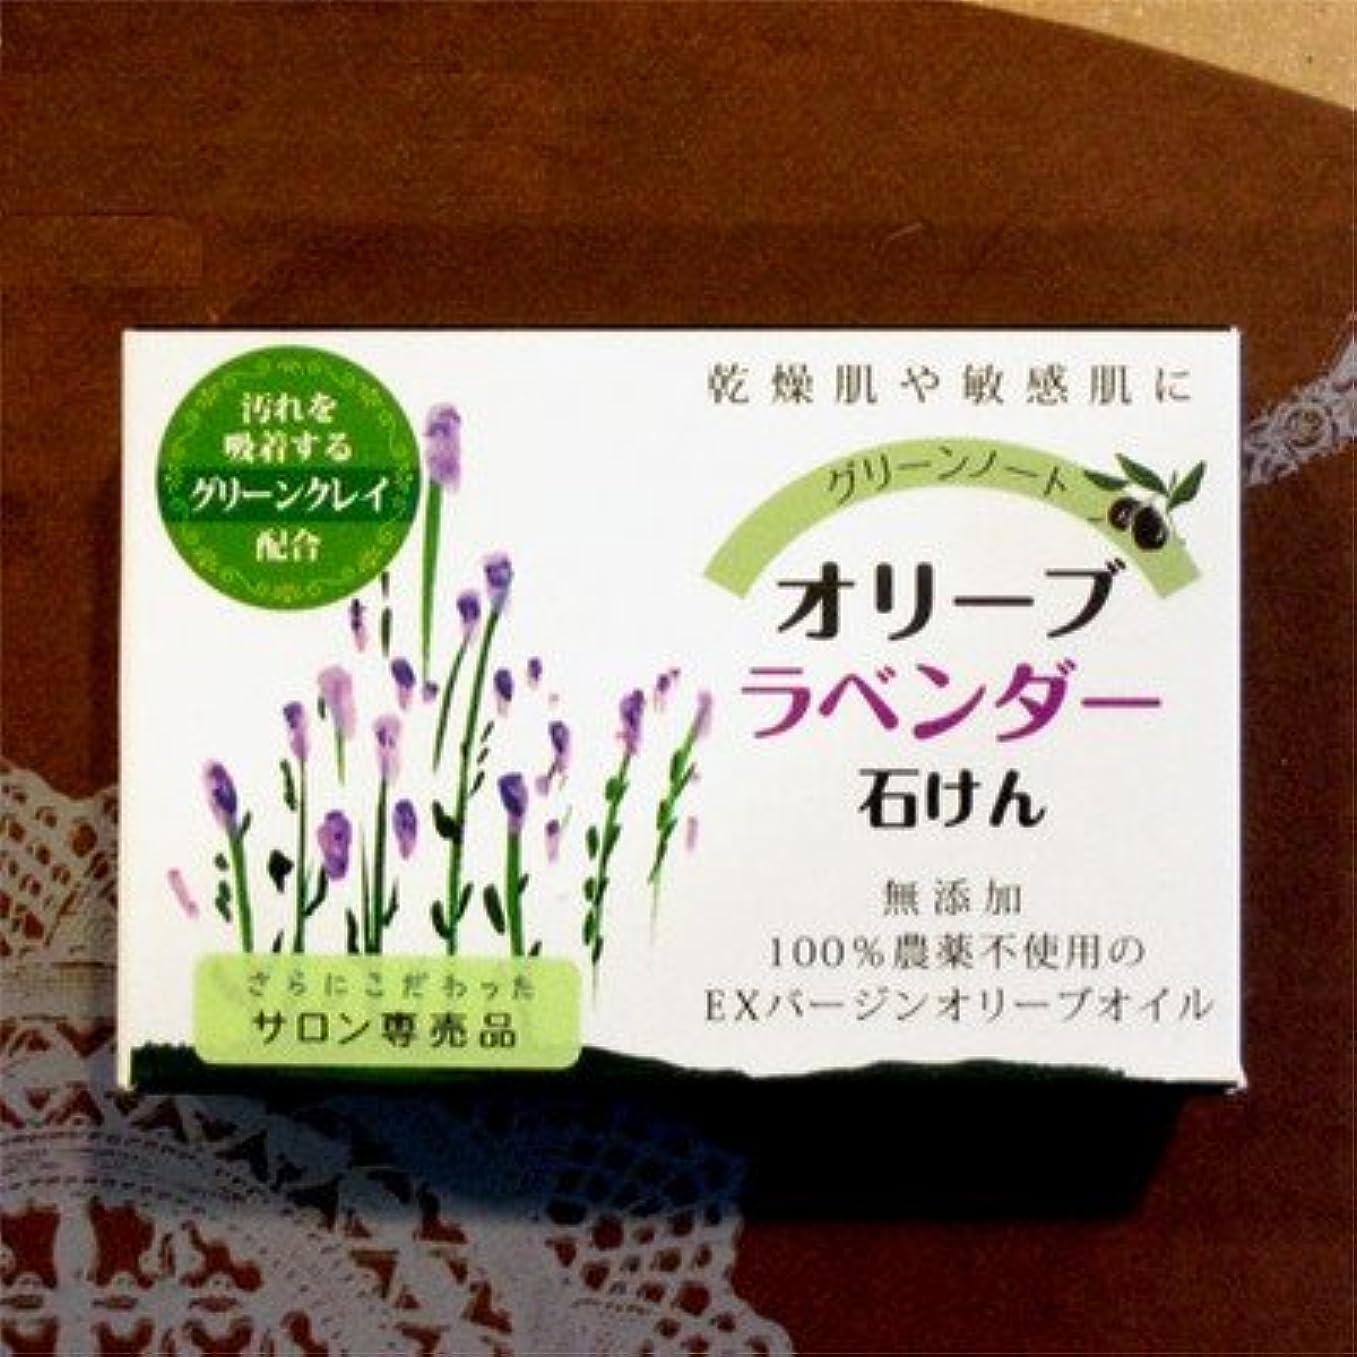 桃宿題擁するグリーンノート オーガニック ハーブ ソープ 無農薬 無添加 オリーブ ラベンダー せ鹸 100g